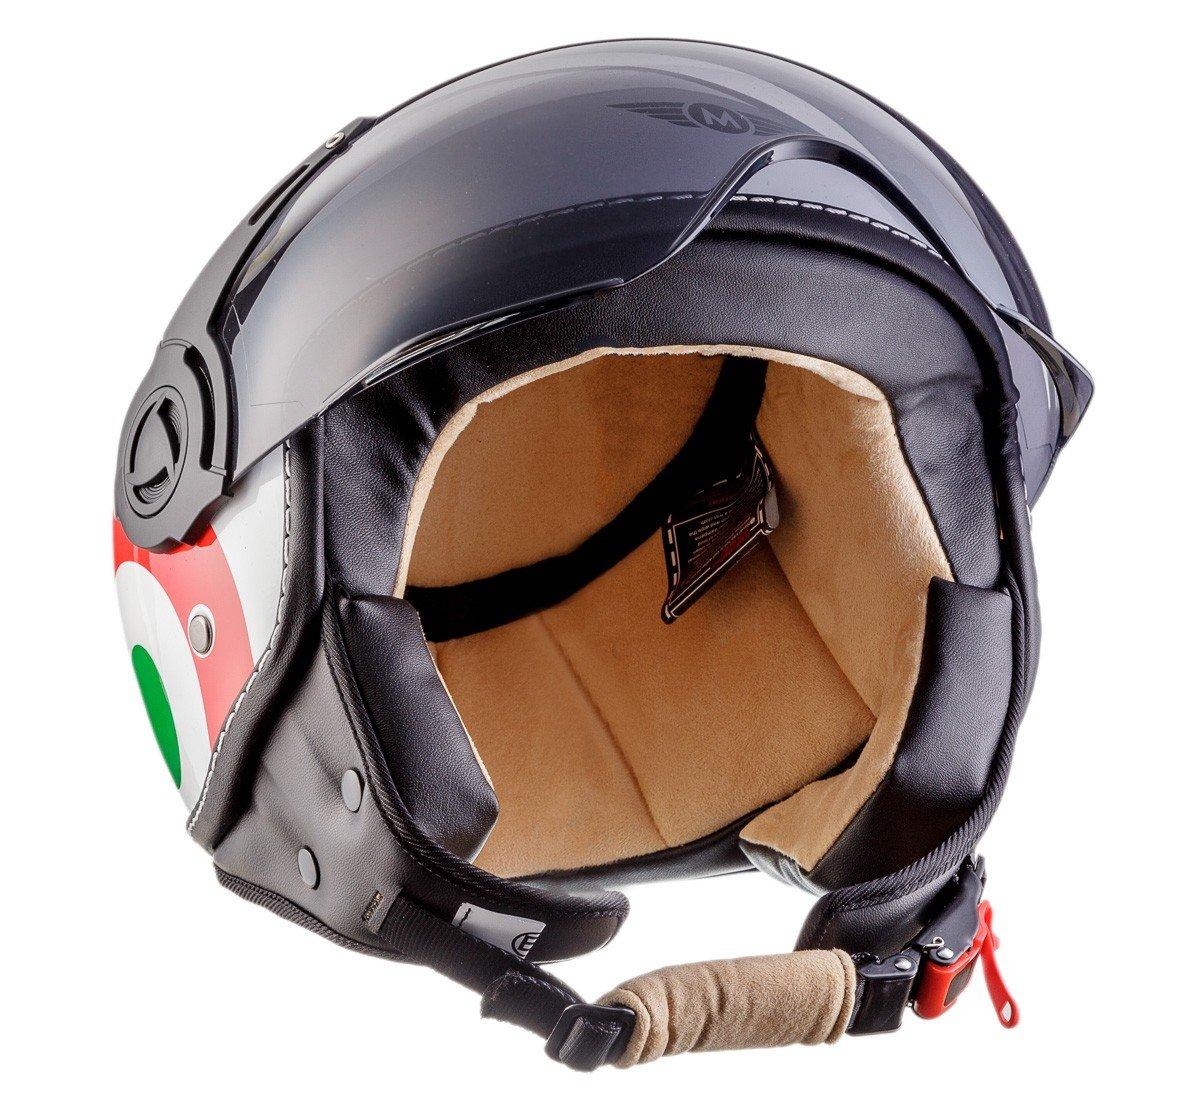 Amazon.es: Moto Helmets H44 - Helmet Casco de Moto, Blanco/Italia, L (59-60cm)